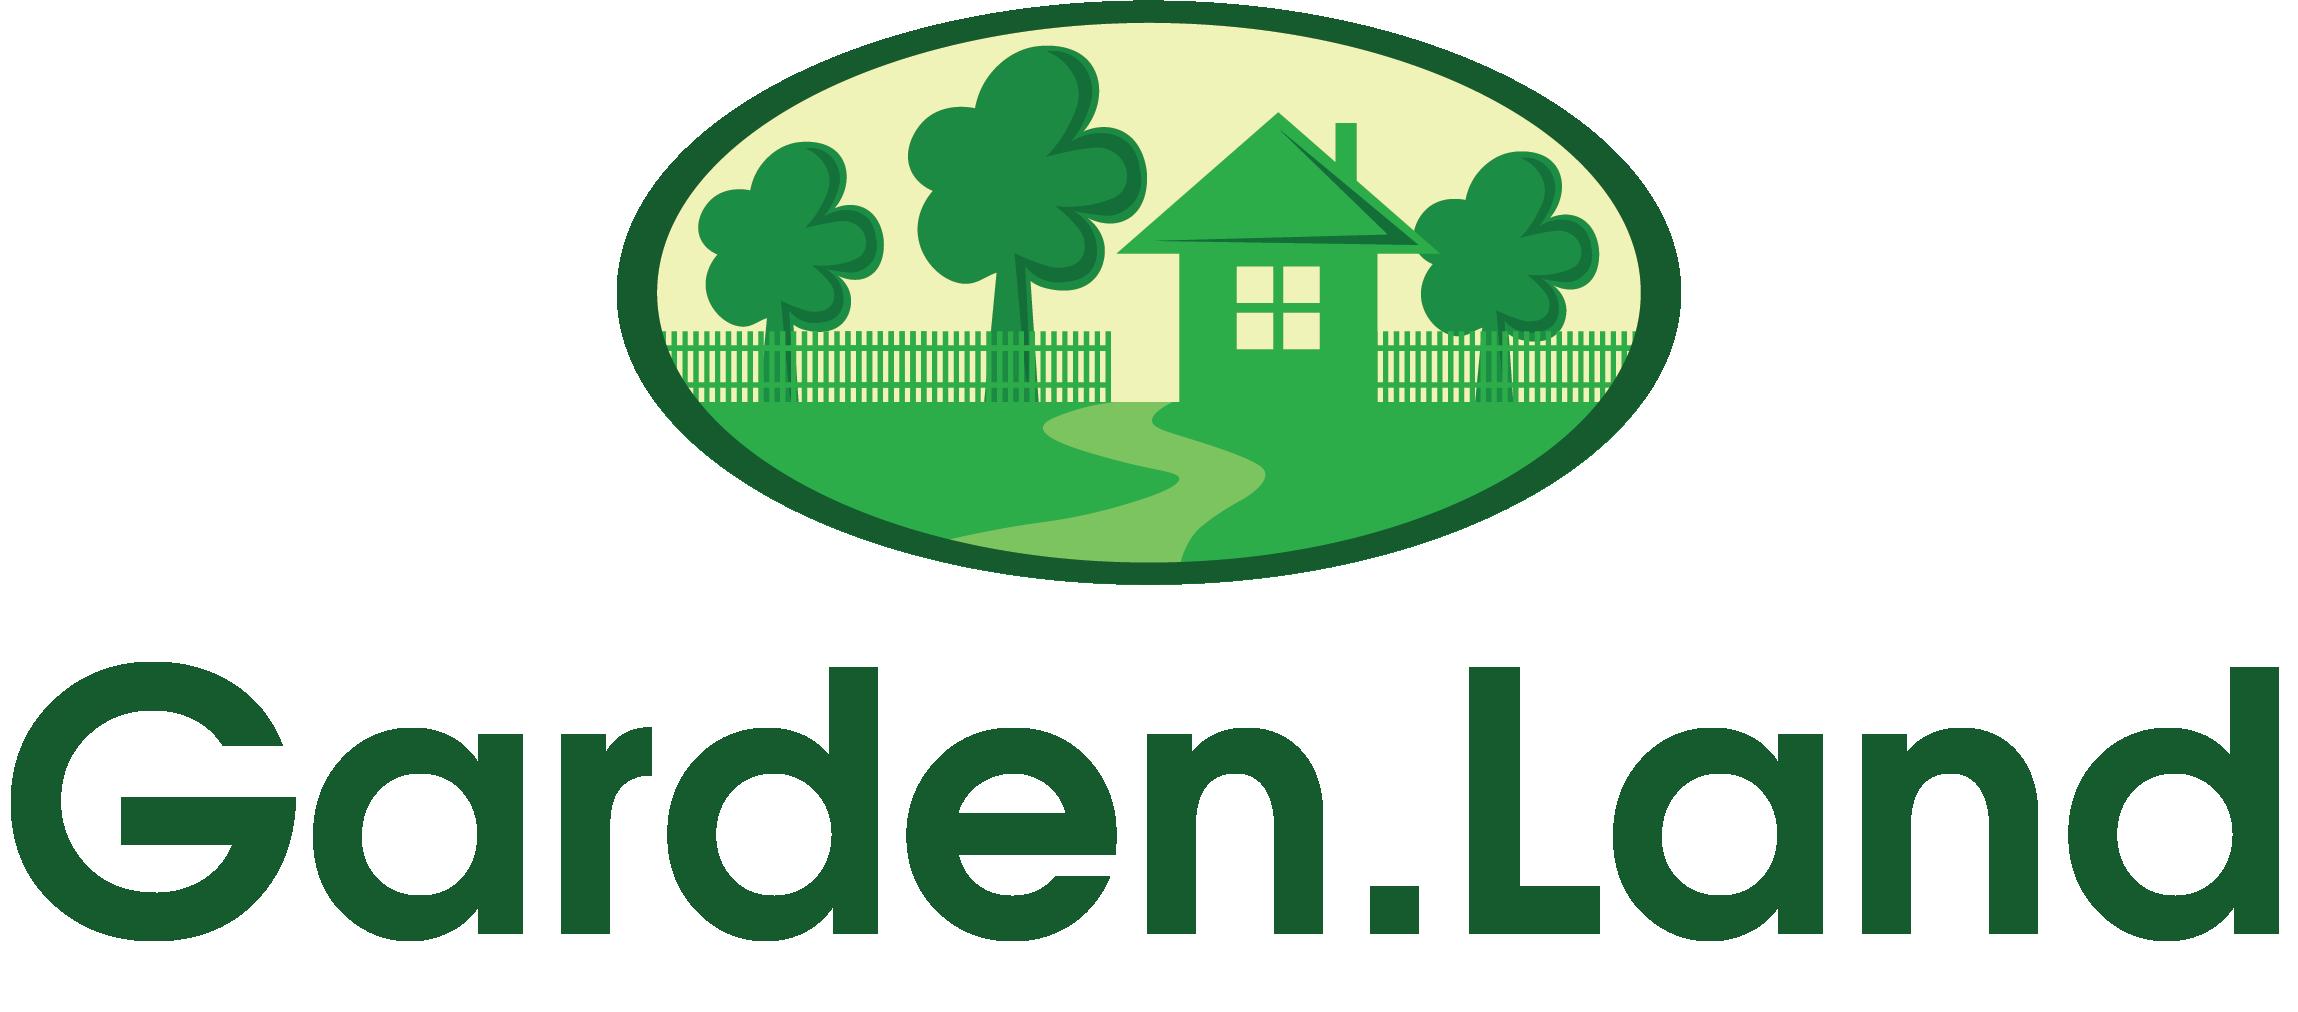 Создание логотипа компании Garden.Land фото f_56259872de6b52fe.png